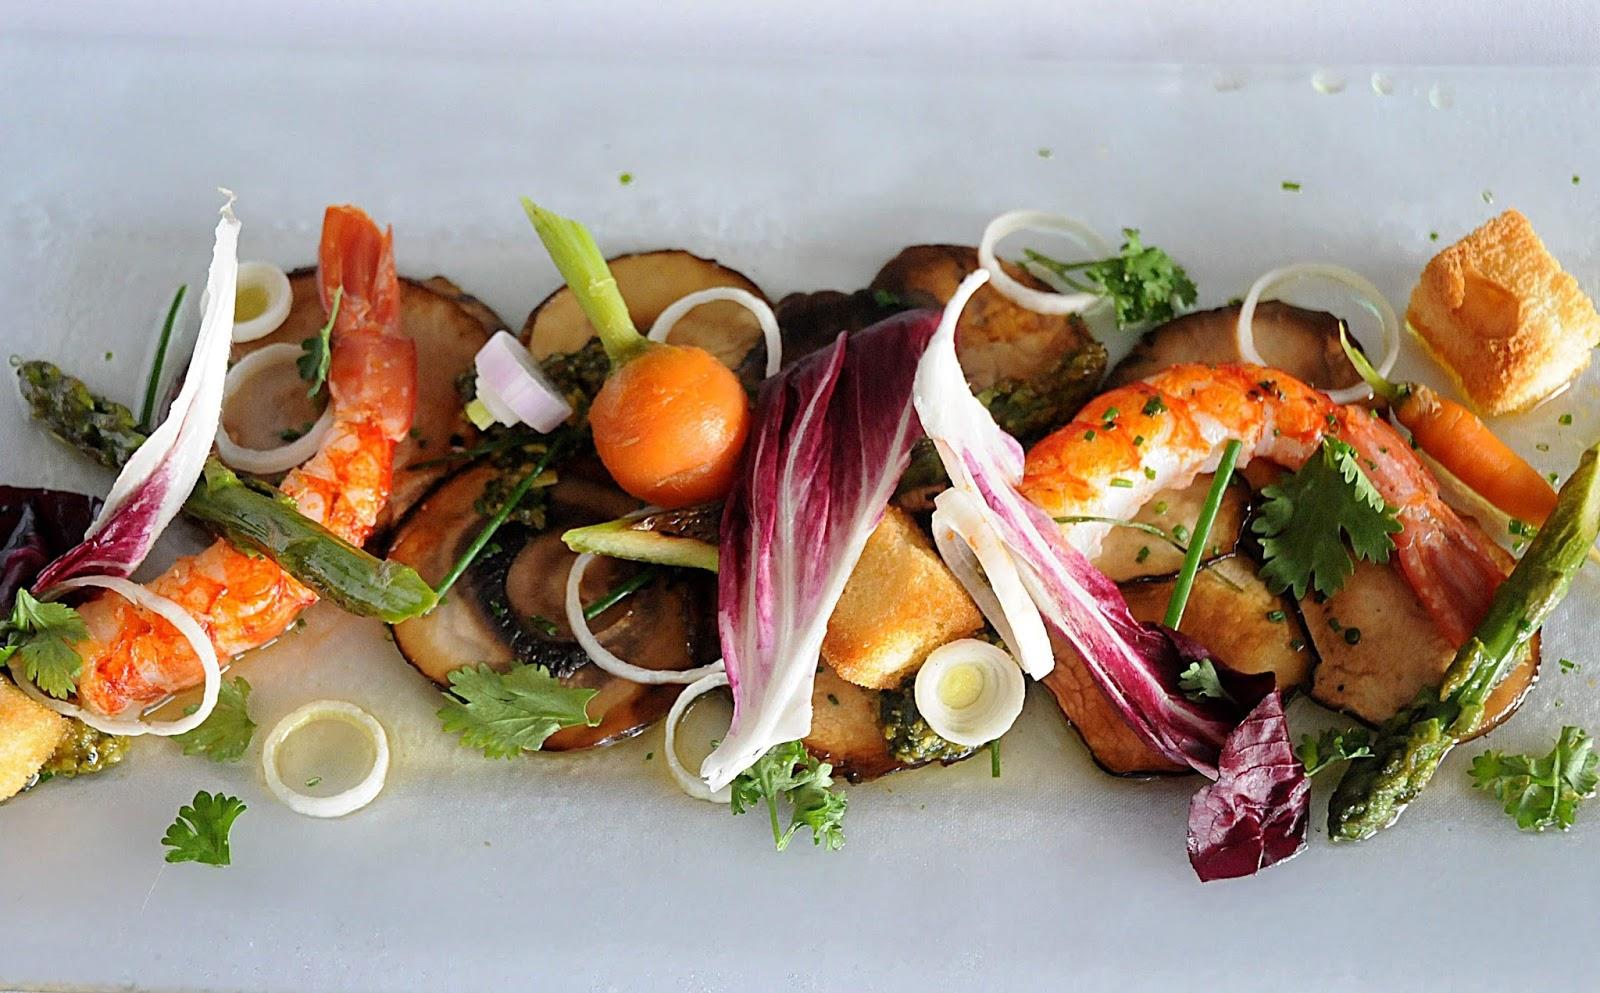 Cocinar sin secretos un men para enmudecer a sus invitados for Que cocinar para invitados